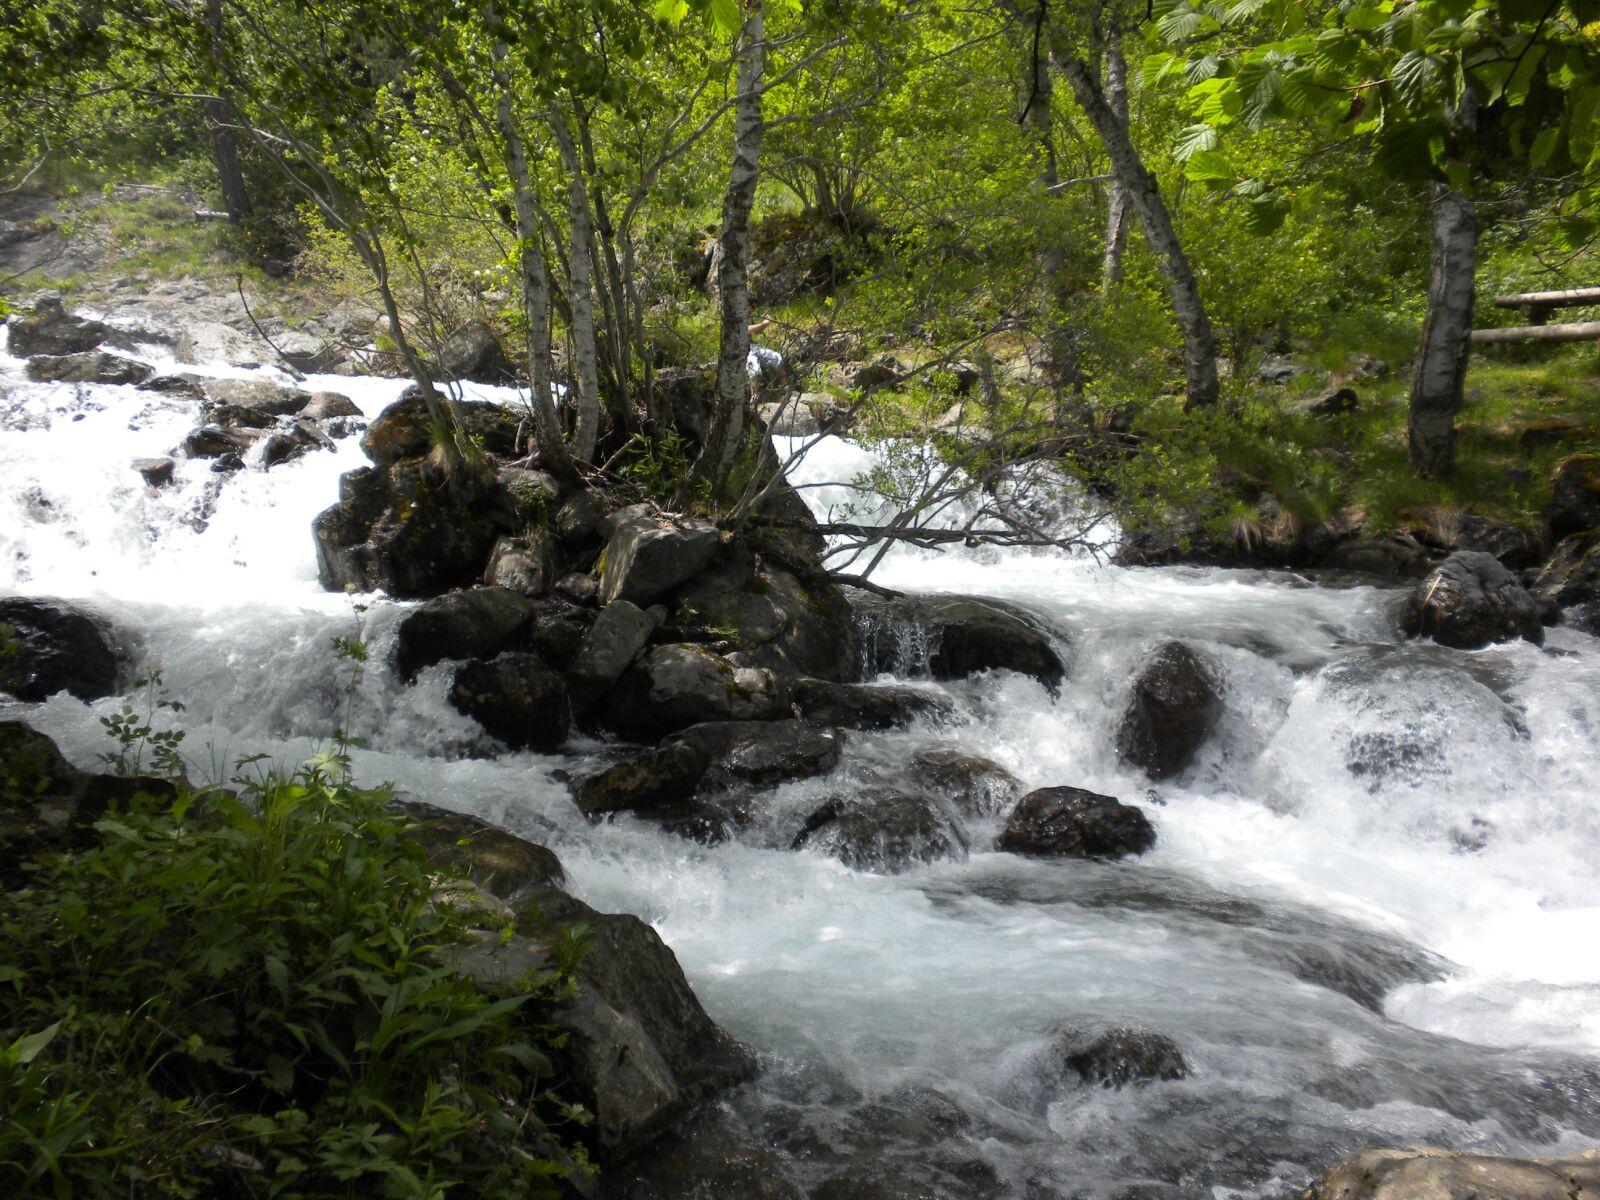 spain, andorra, streams